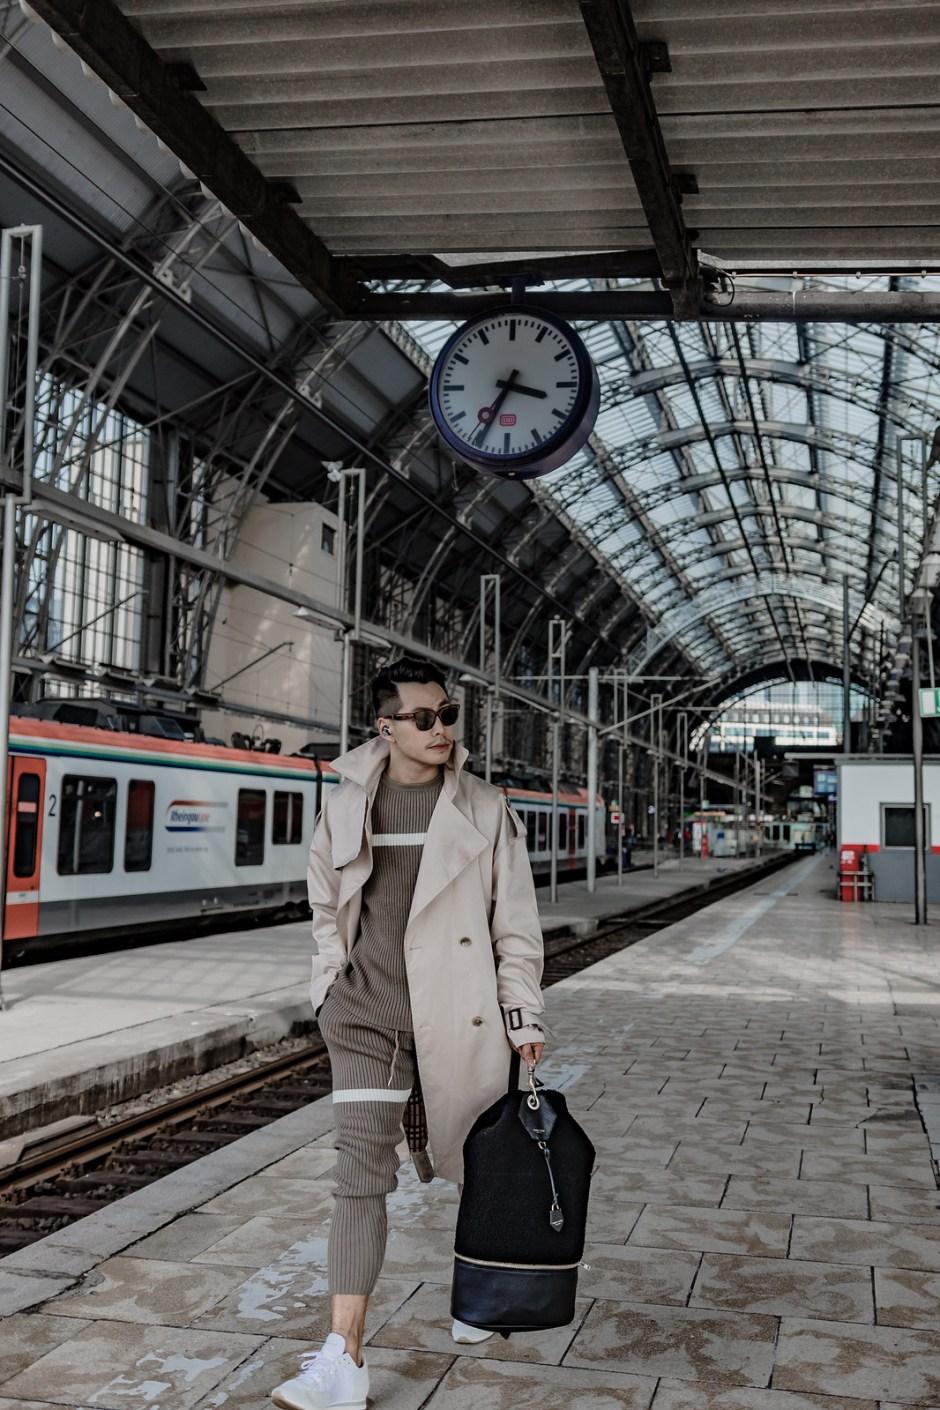 blog_Frankfurt_central_station-20